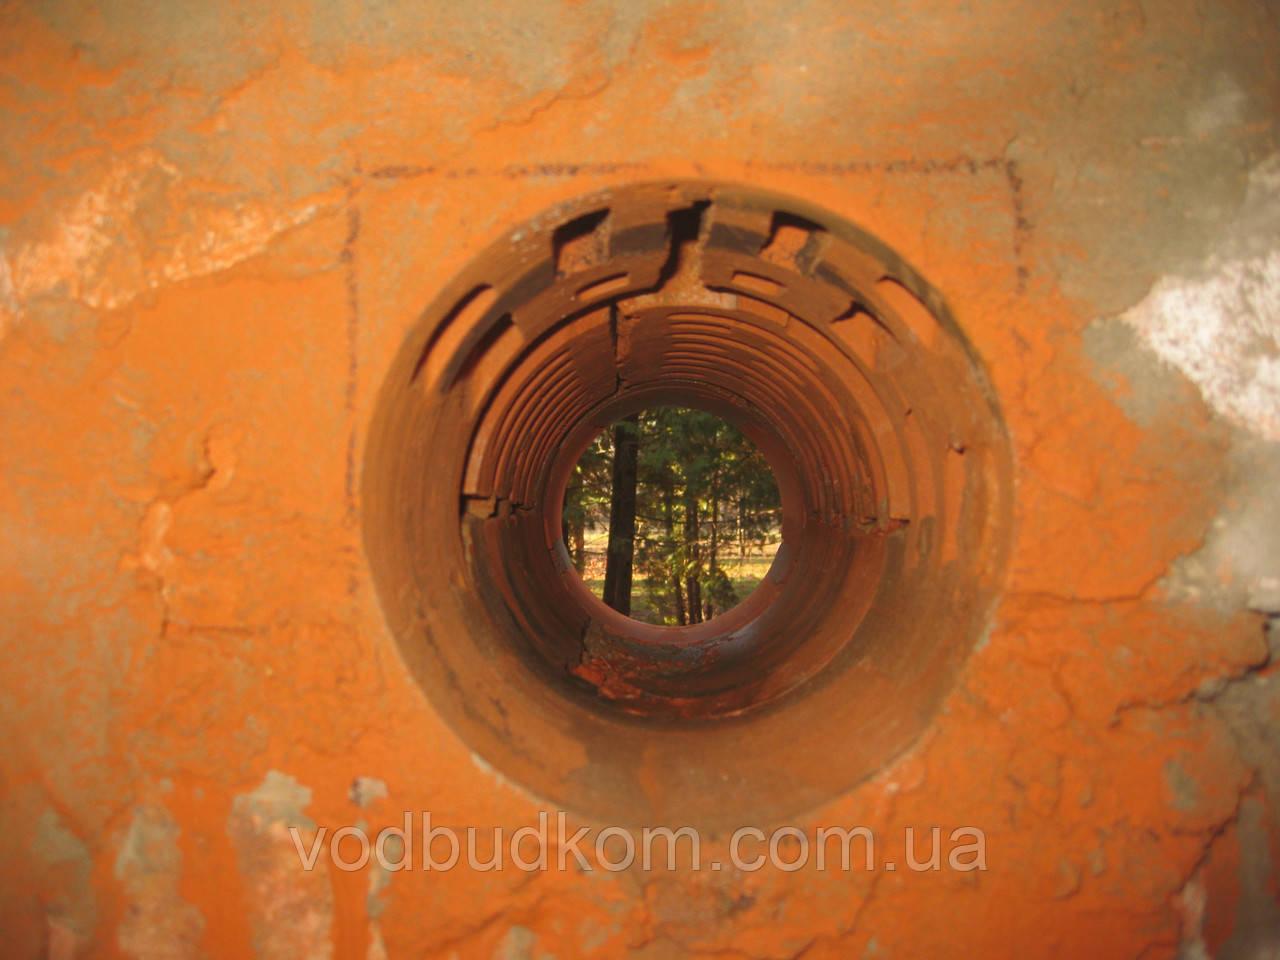 Алмазне буріння свердління отворів в цеглі  Тернопіль